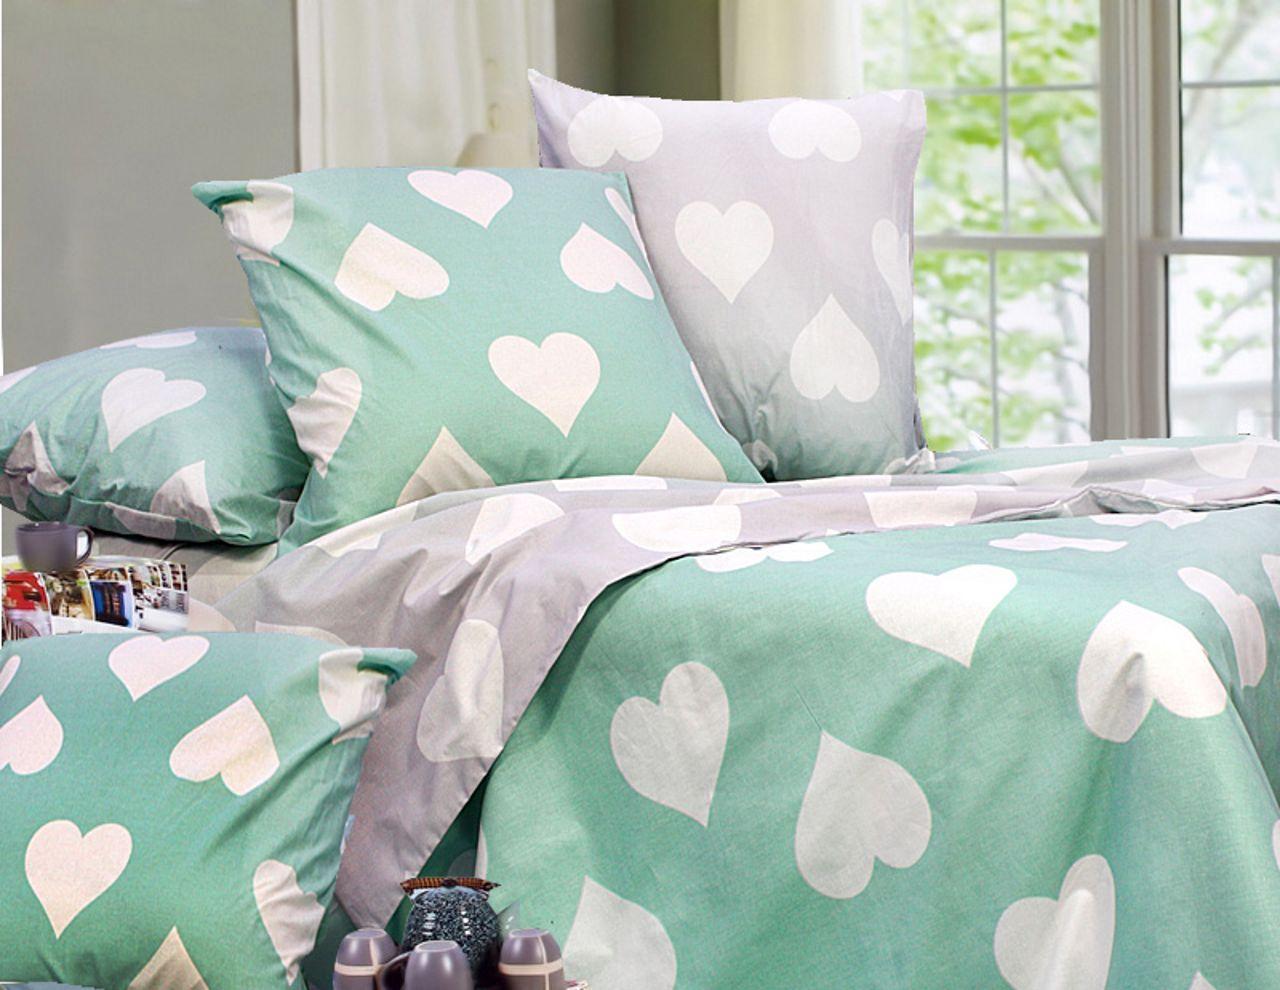 Еней-Плюс Евро постельный комплект Т0696 Еней-Плюс, цвет: бирюзовый, белый